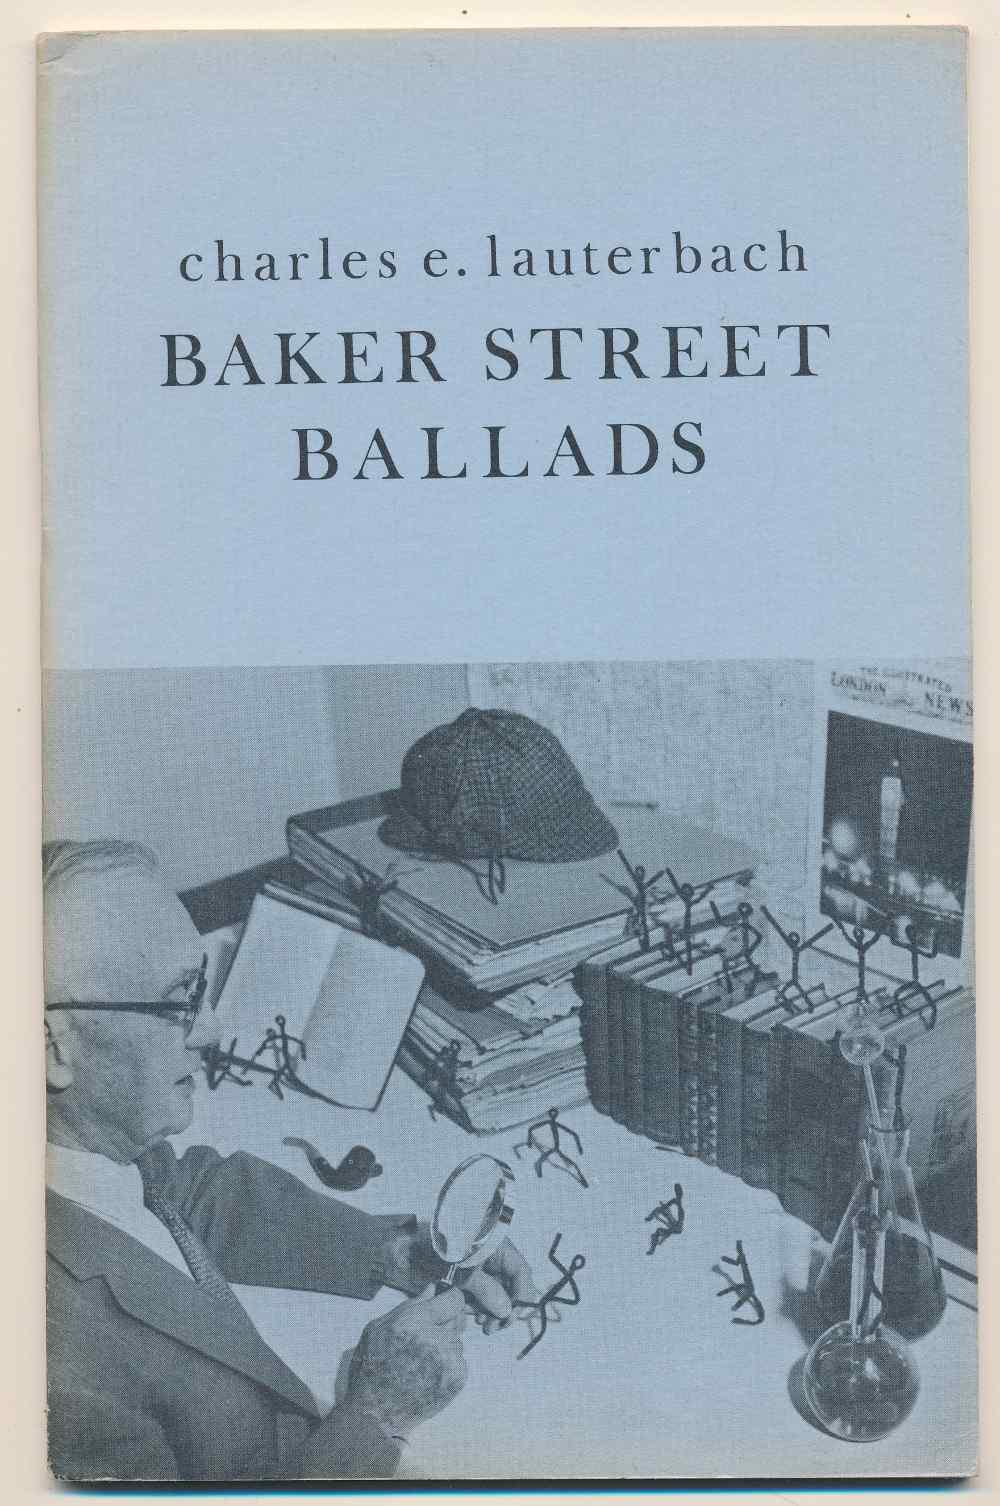 Baker Street ballads